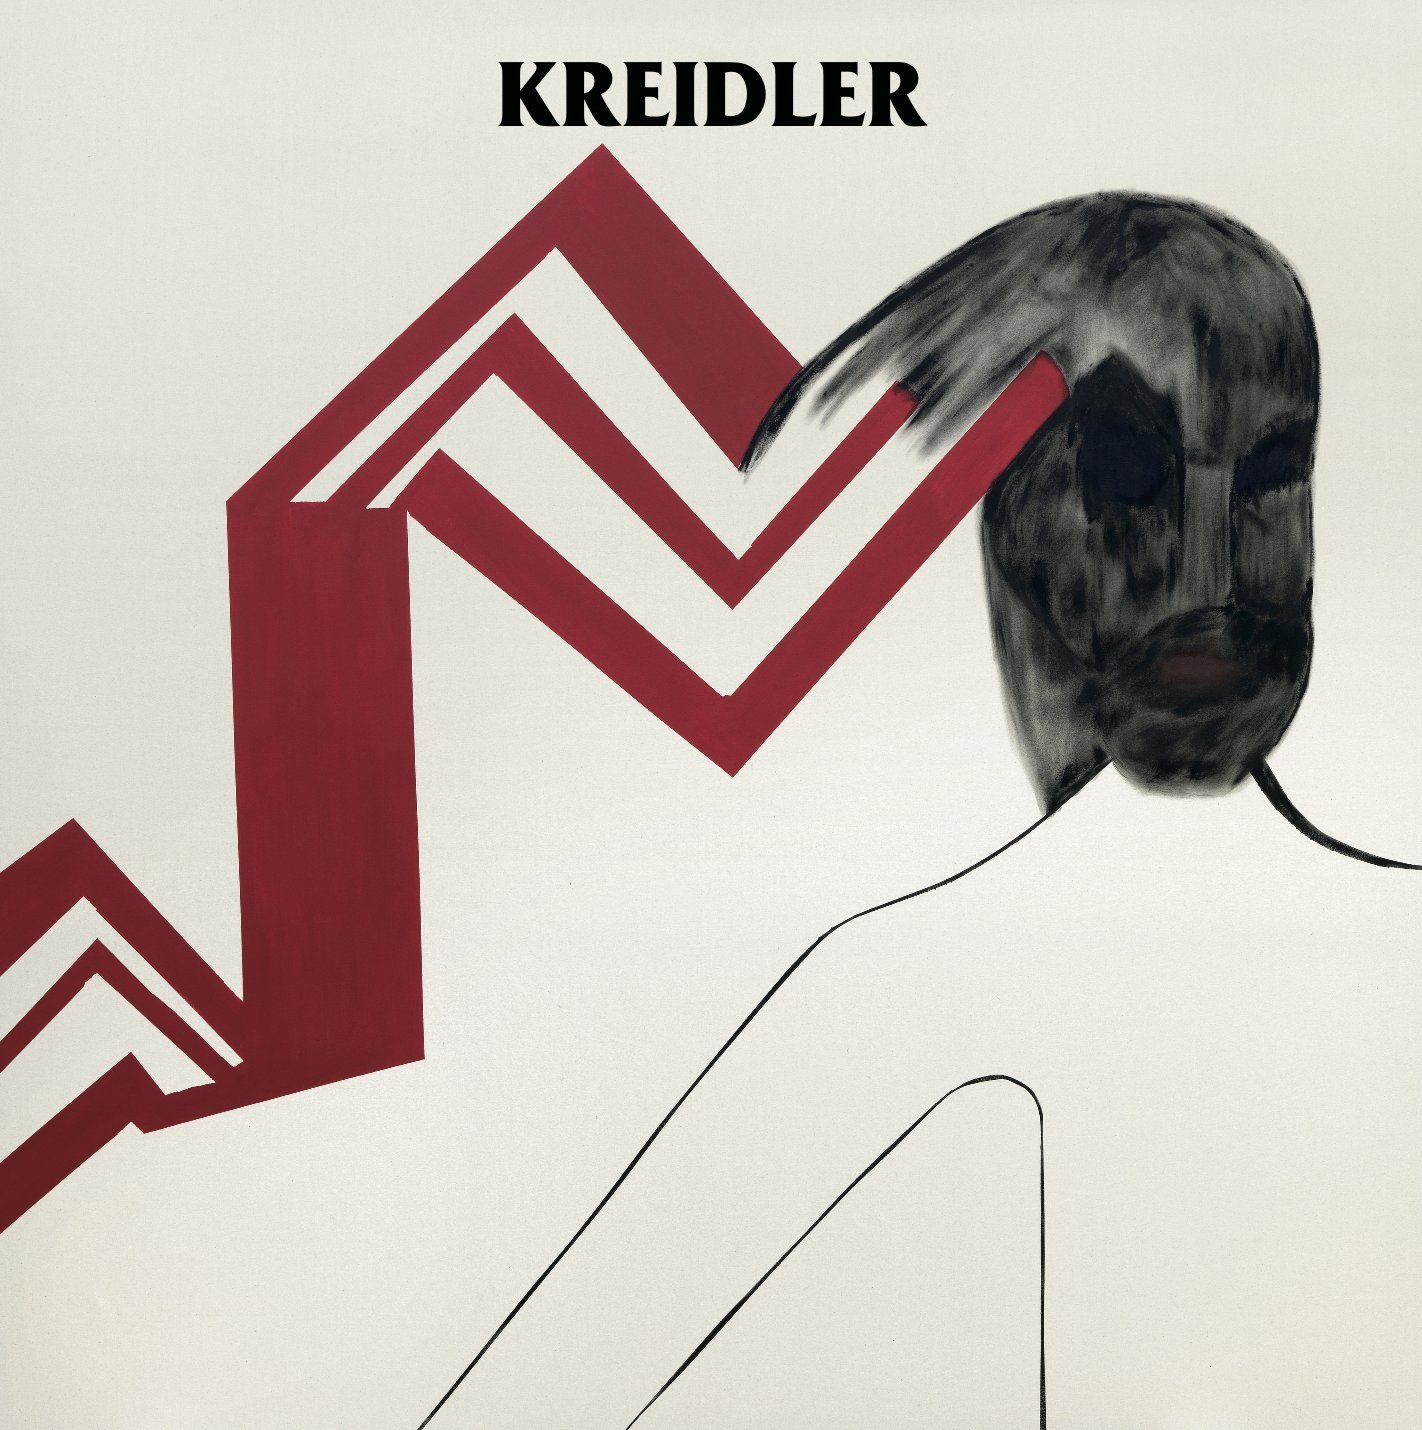 Kreidler Den Cool Things To Buy Lp Vinyl Mark Bradford